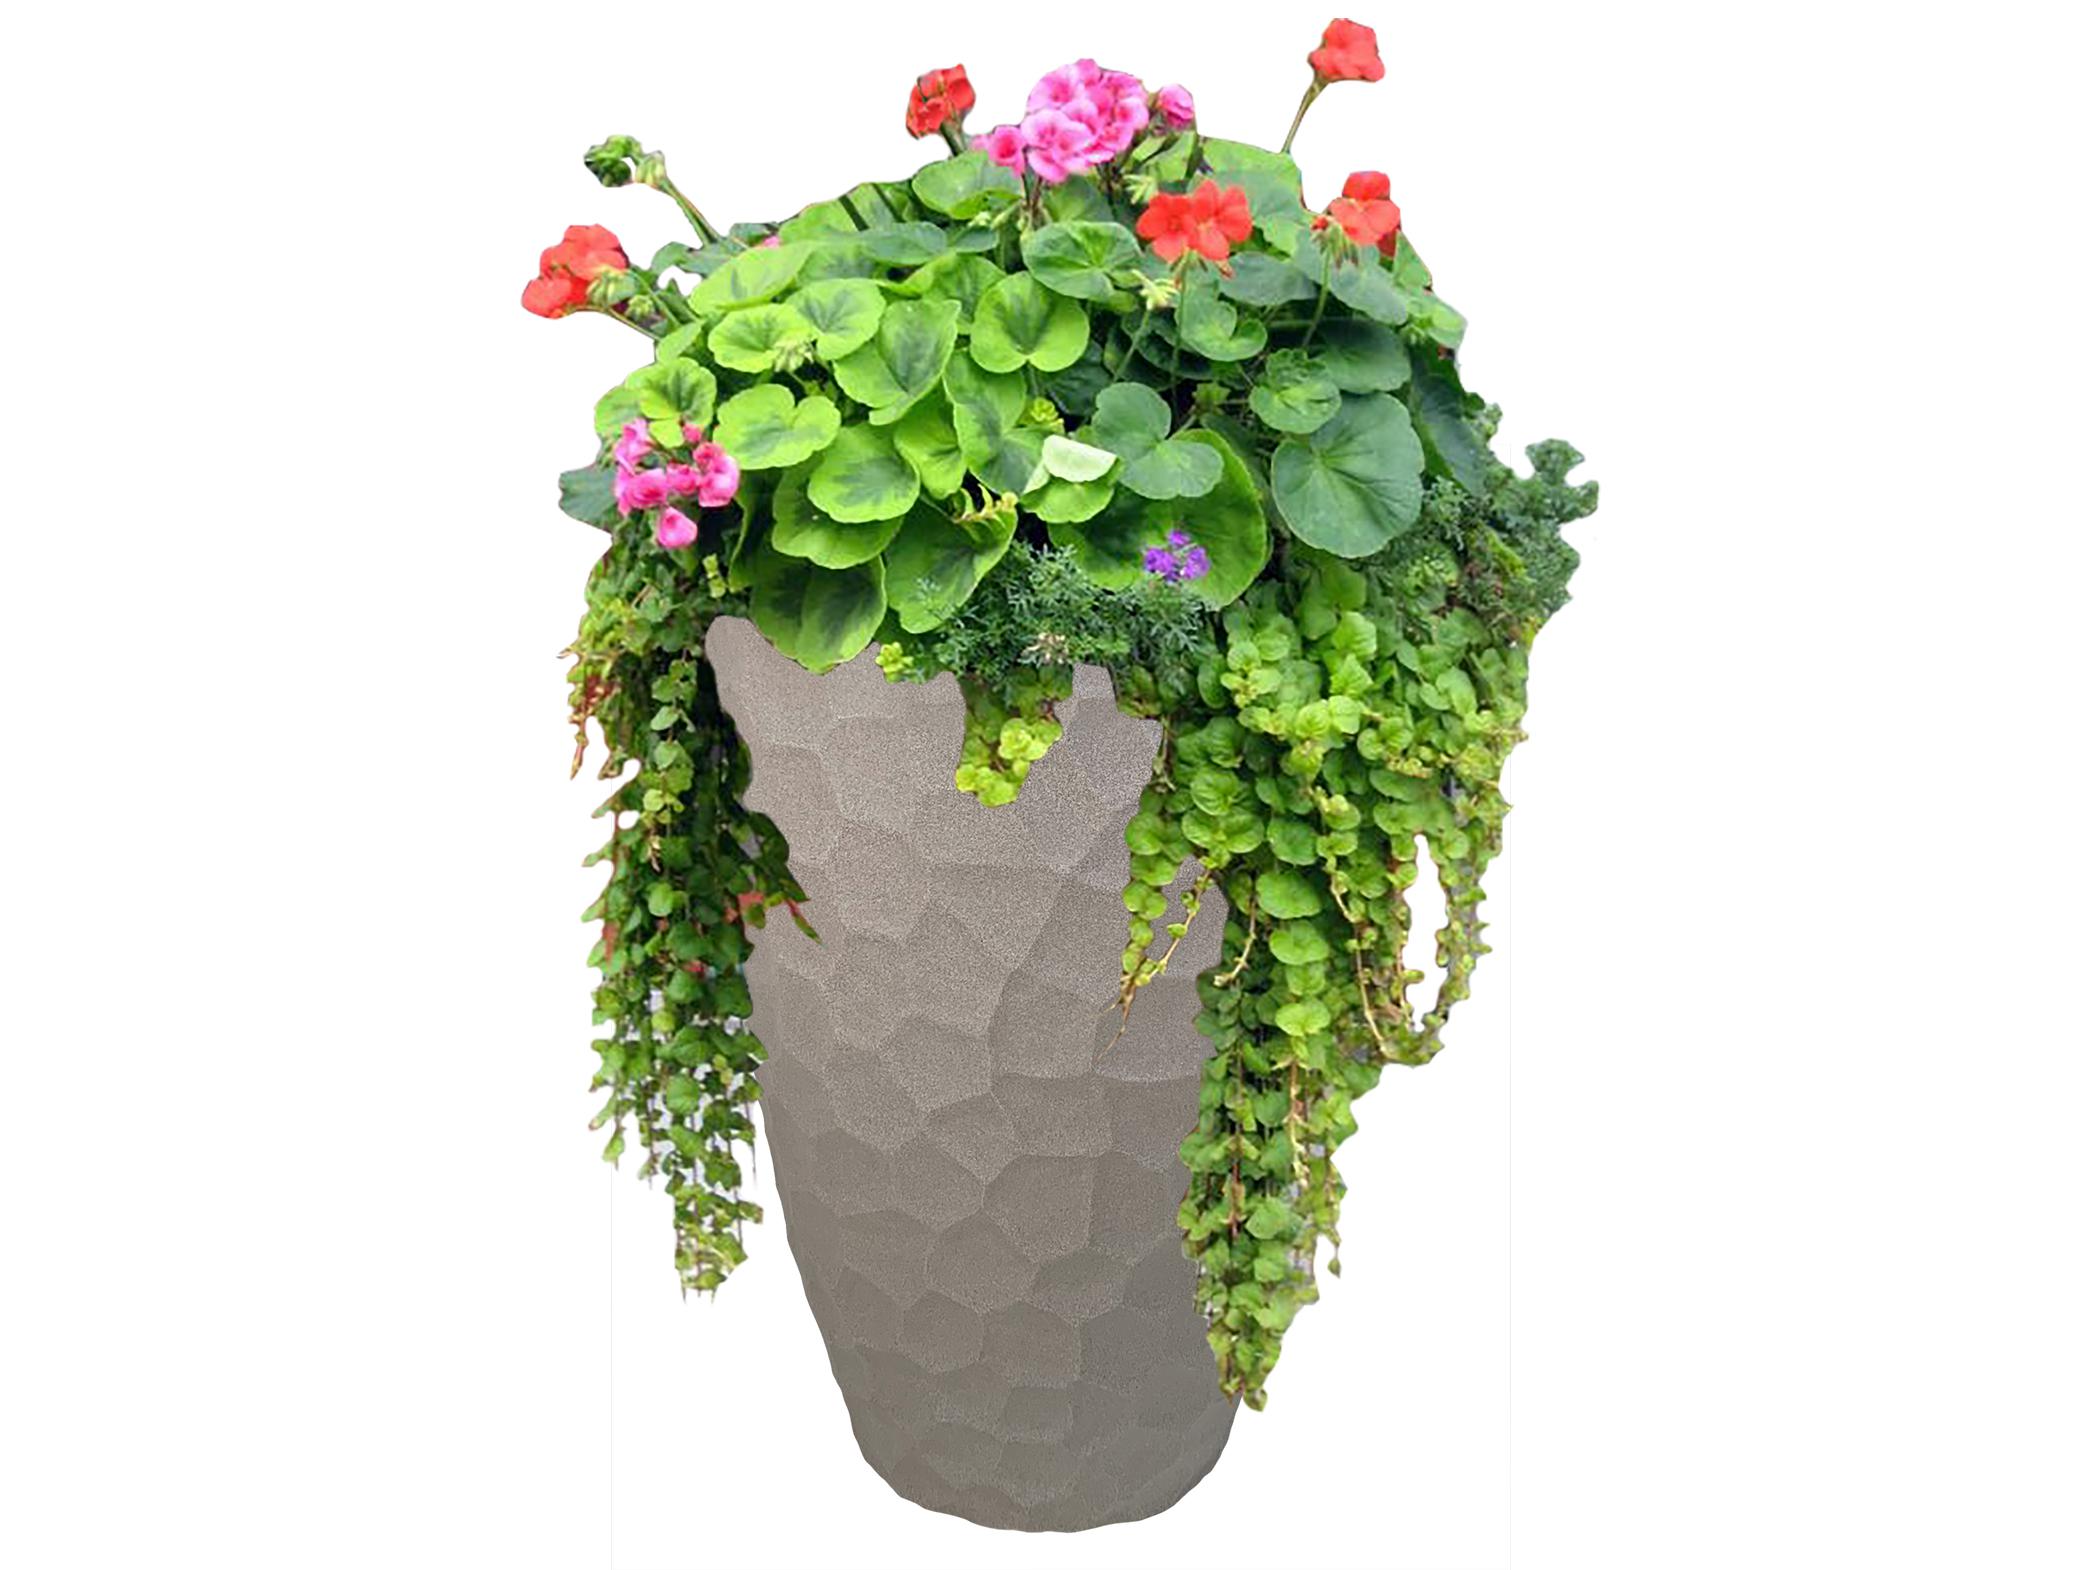 120-JVOPSETS-JP_Prisma Conic Planter Set_Sandstone_Large with arrangement